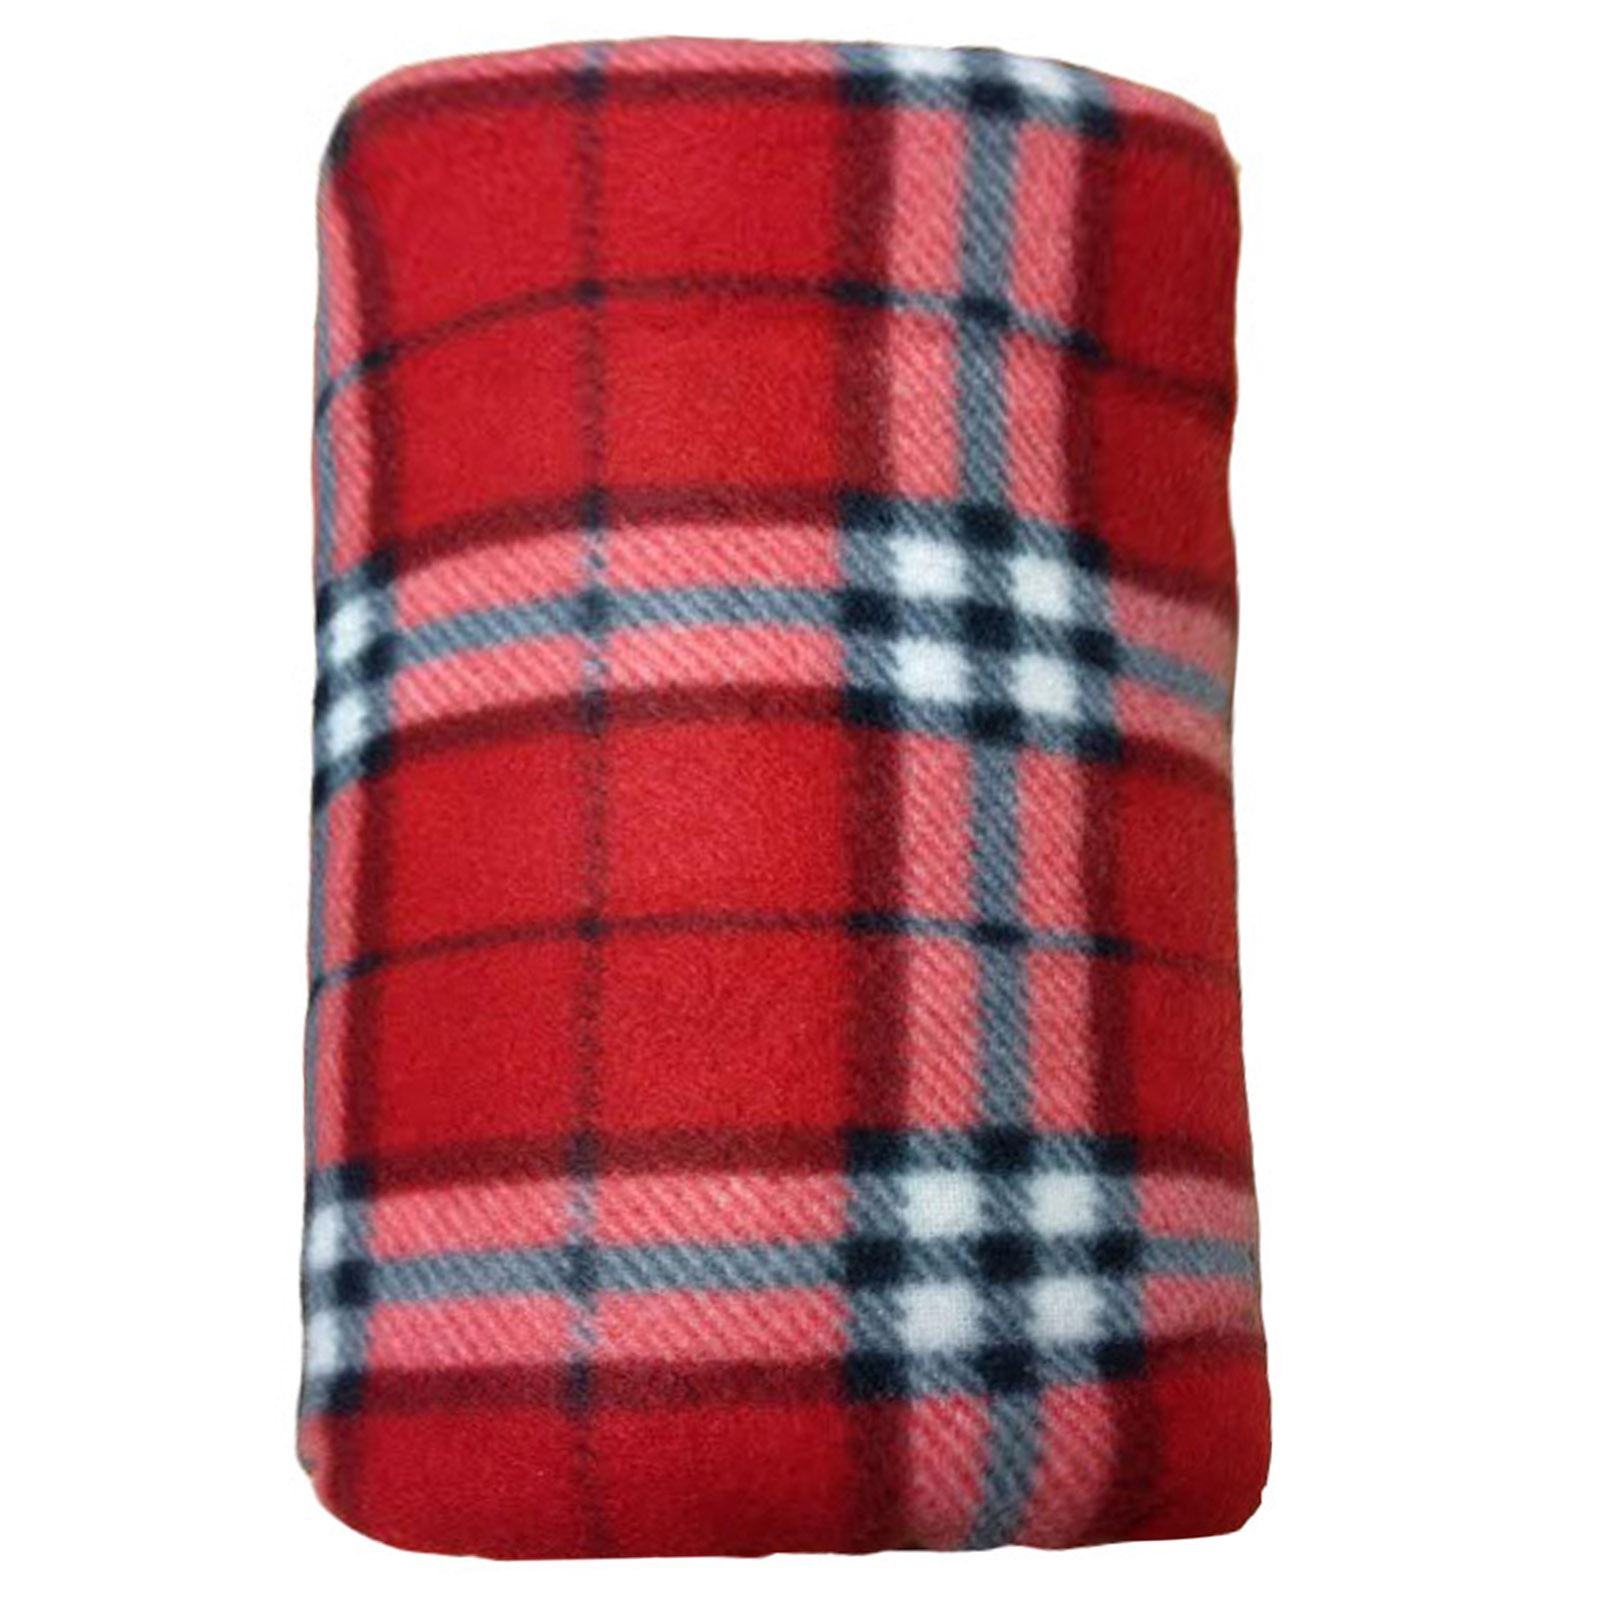 Soft Fleece Blankets Large Extra Warm Tartan Sofa Bed